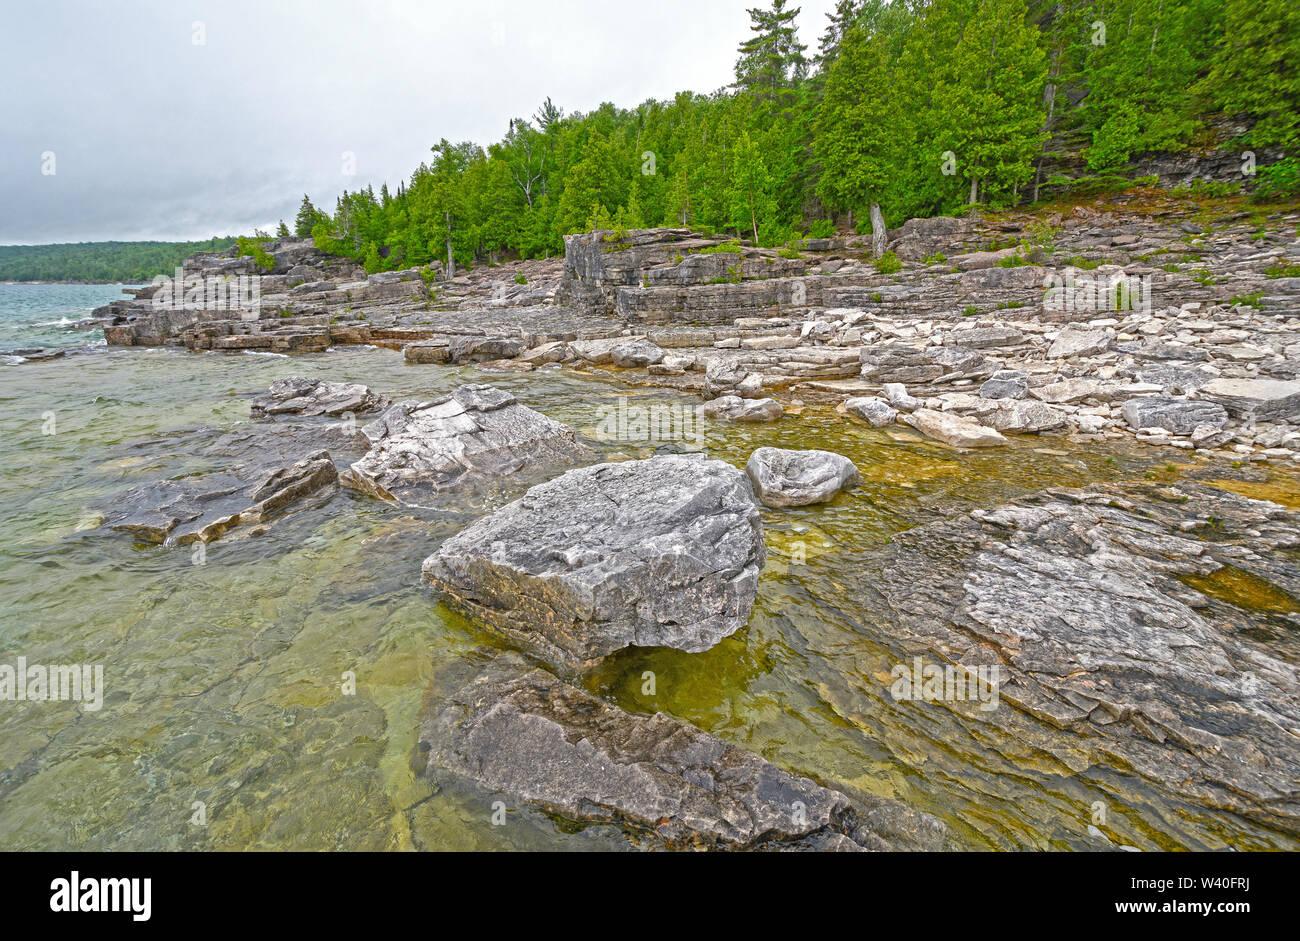 Rocas y pinos de la Georgian Bay Lake Shore en el Lago Huron en el Parque Nacional de la península de Bruce en Ontario, Canadá Foto de stock